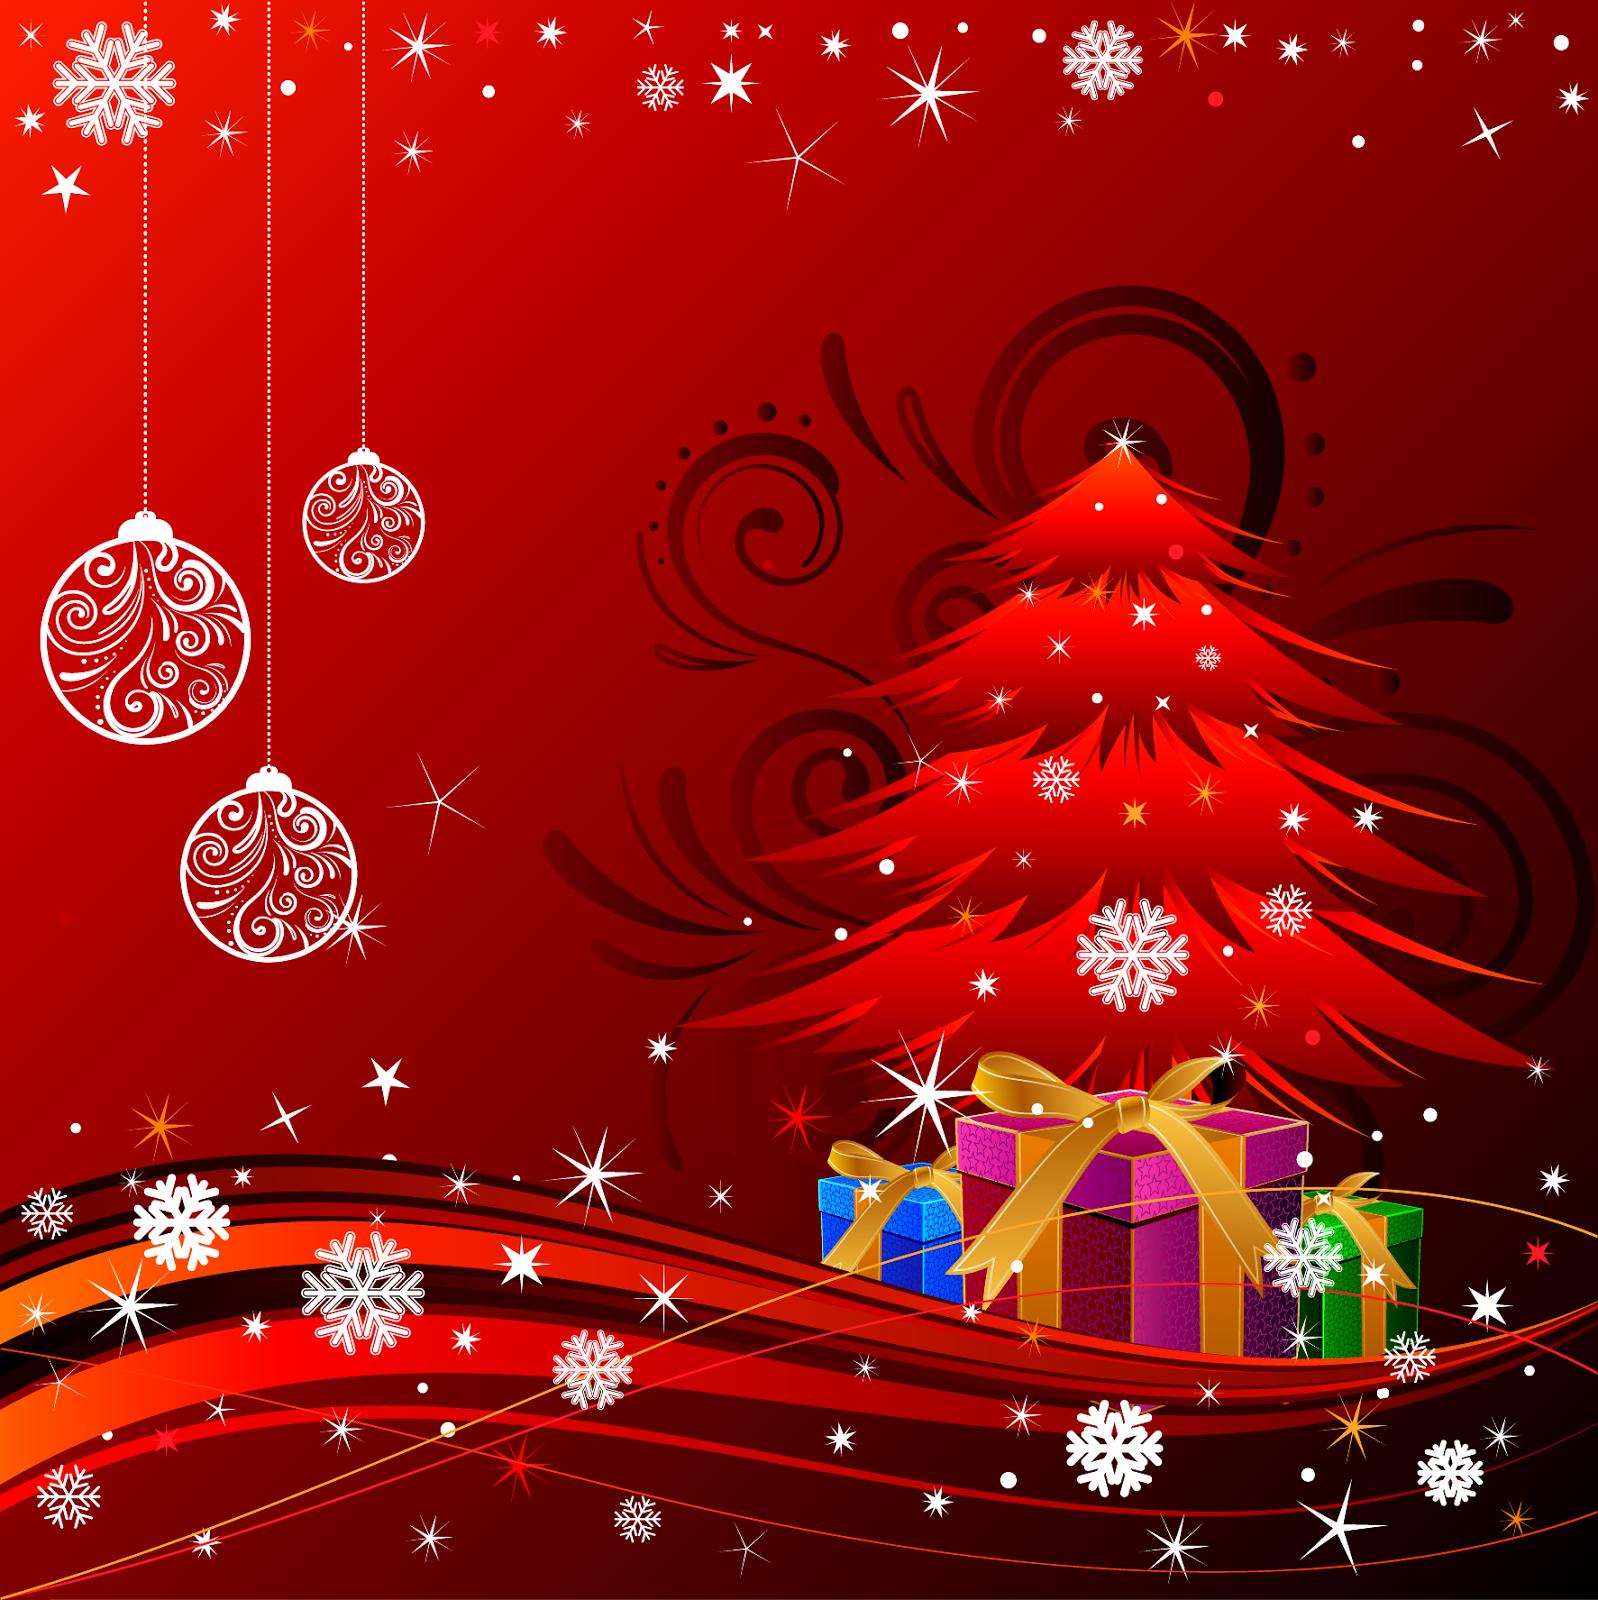 Banco de im genes gratis im genes de navidad y postales - Dibujos tarjetas navidenas ...